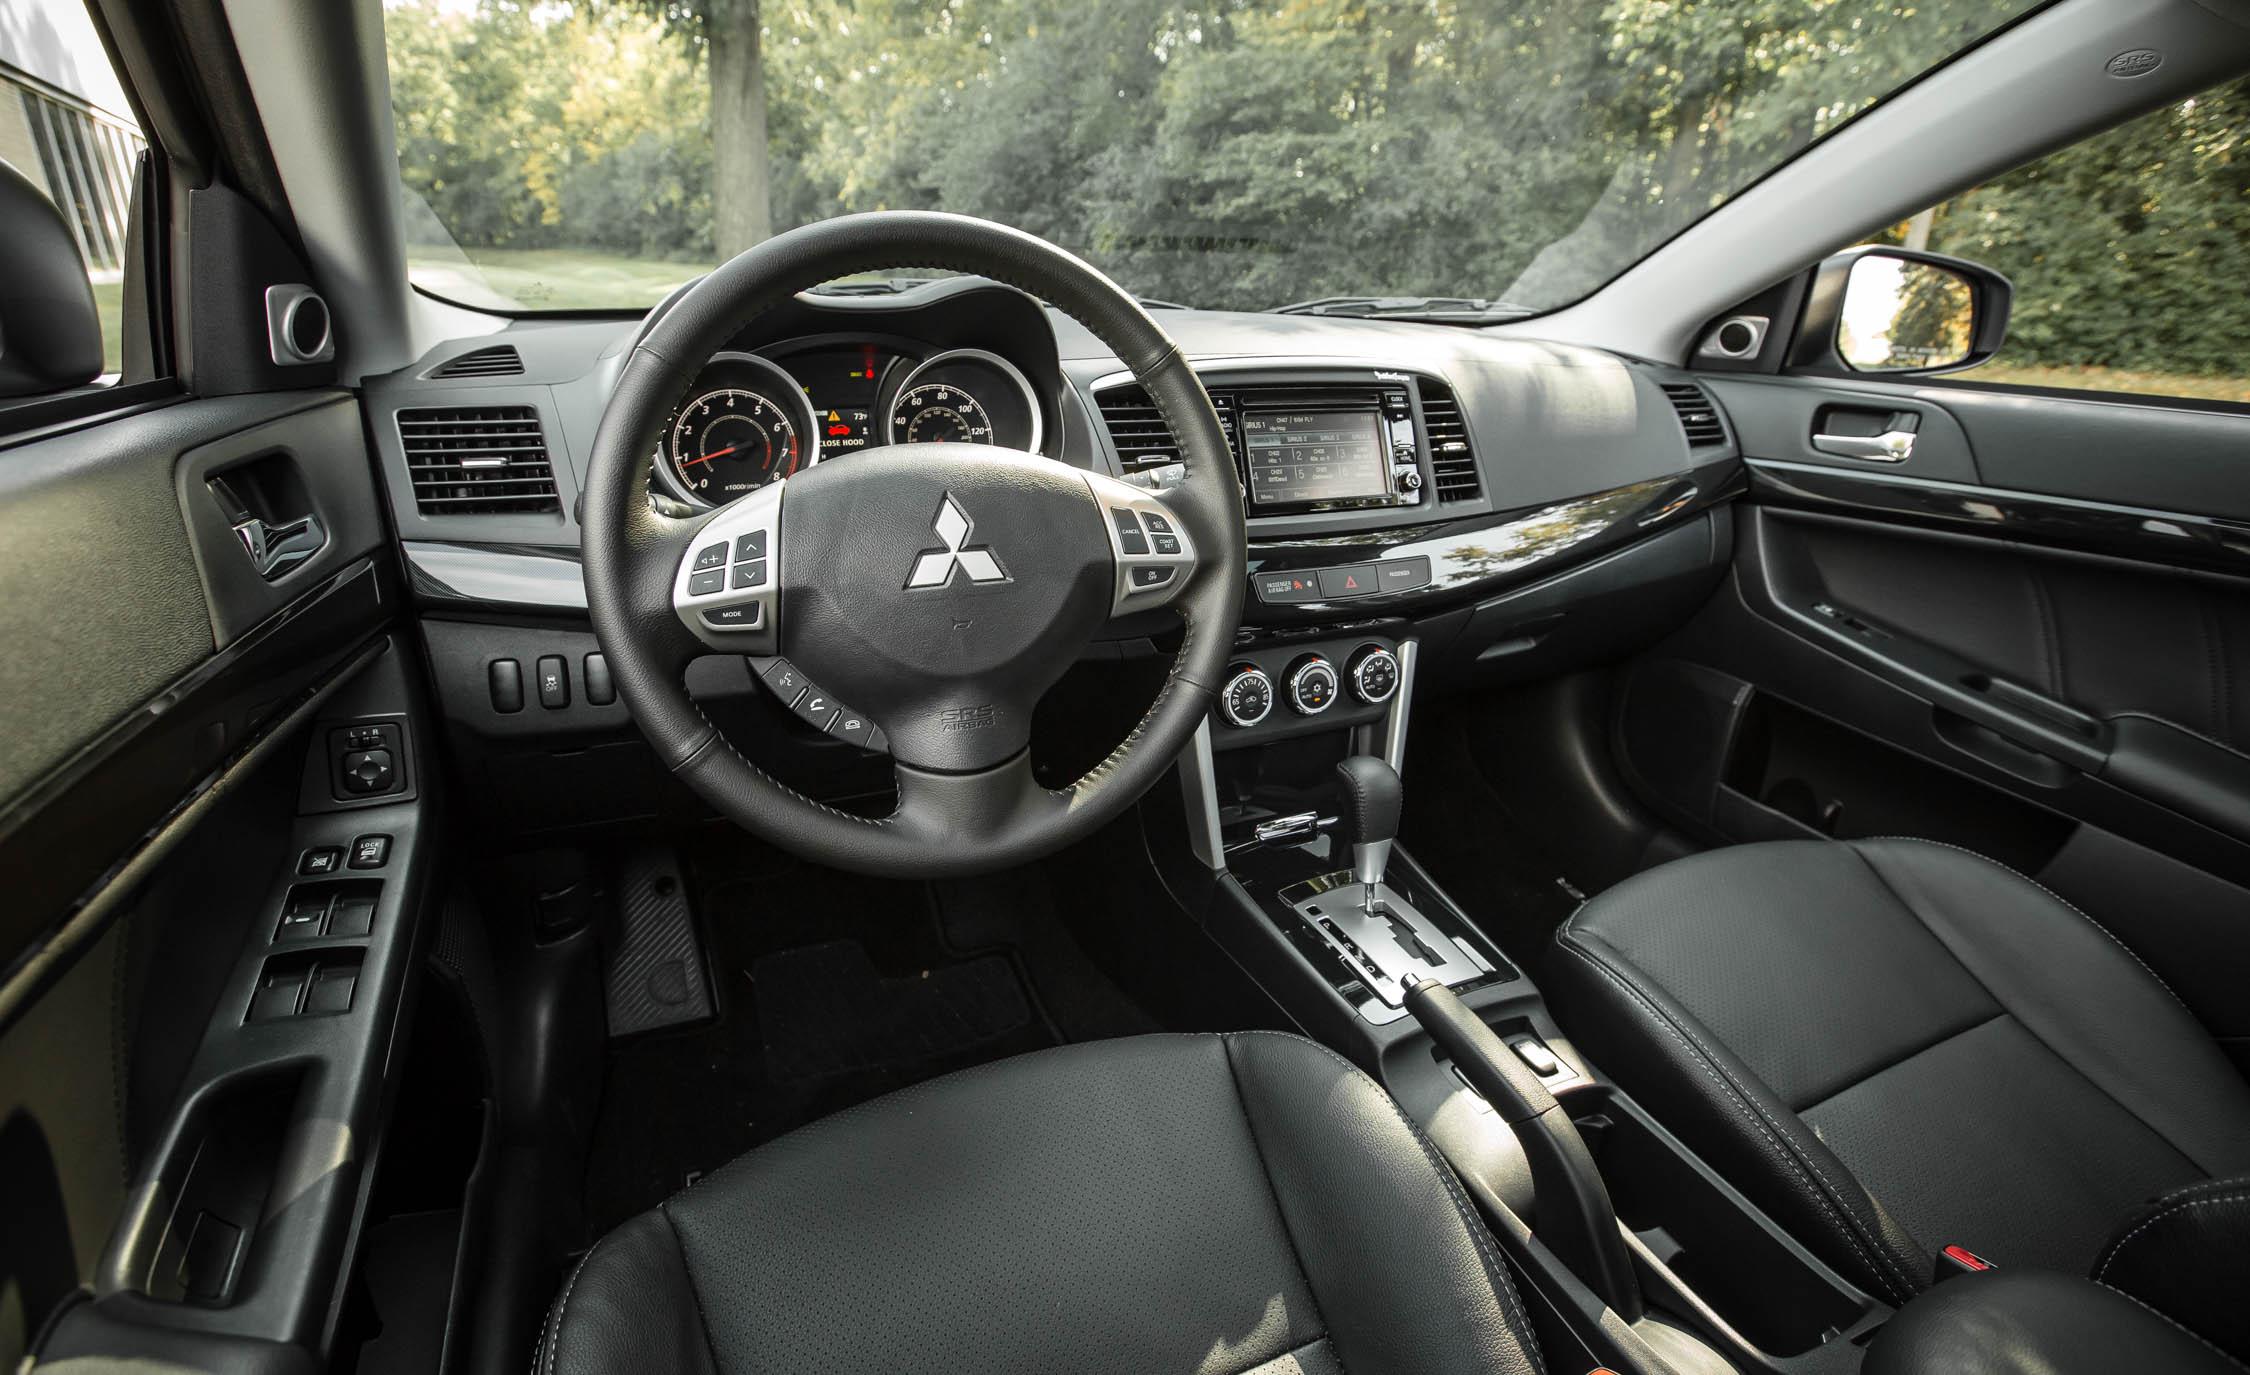 2017 Mitsubishi Lancer AWD (View 2 of 8)